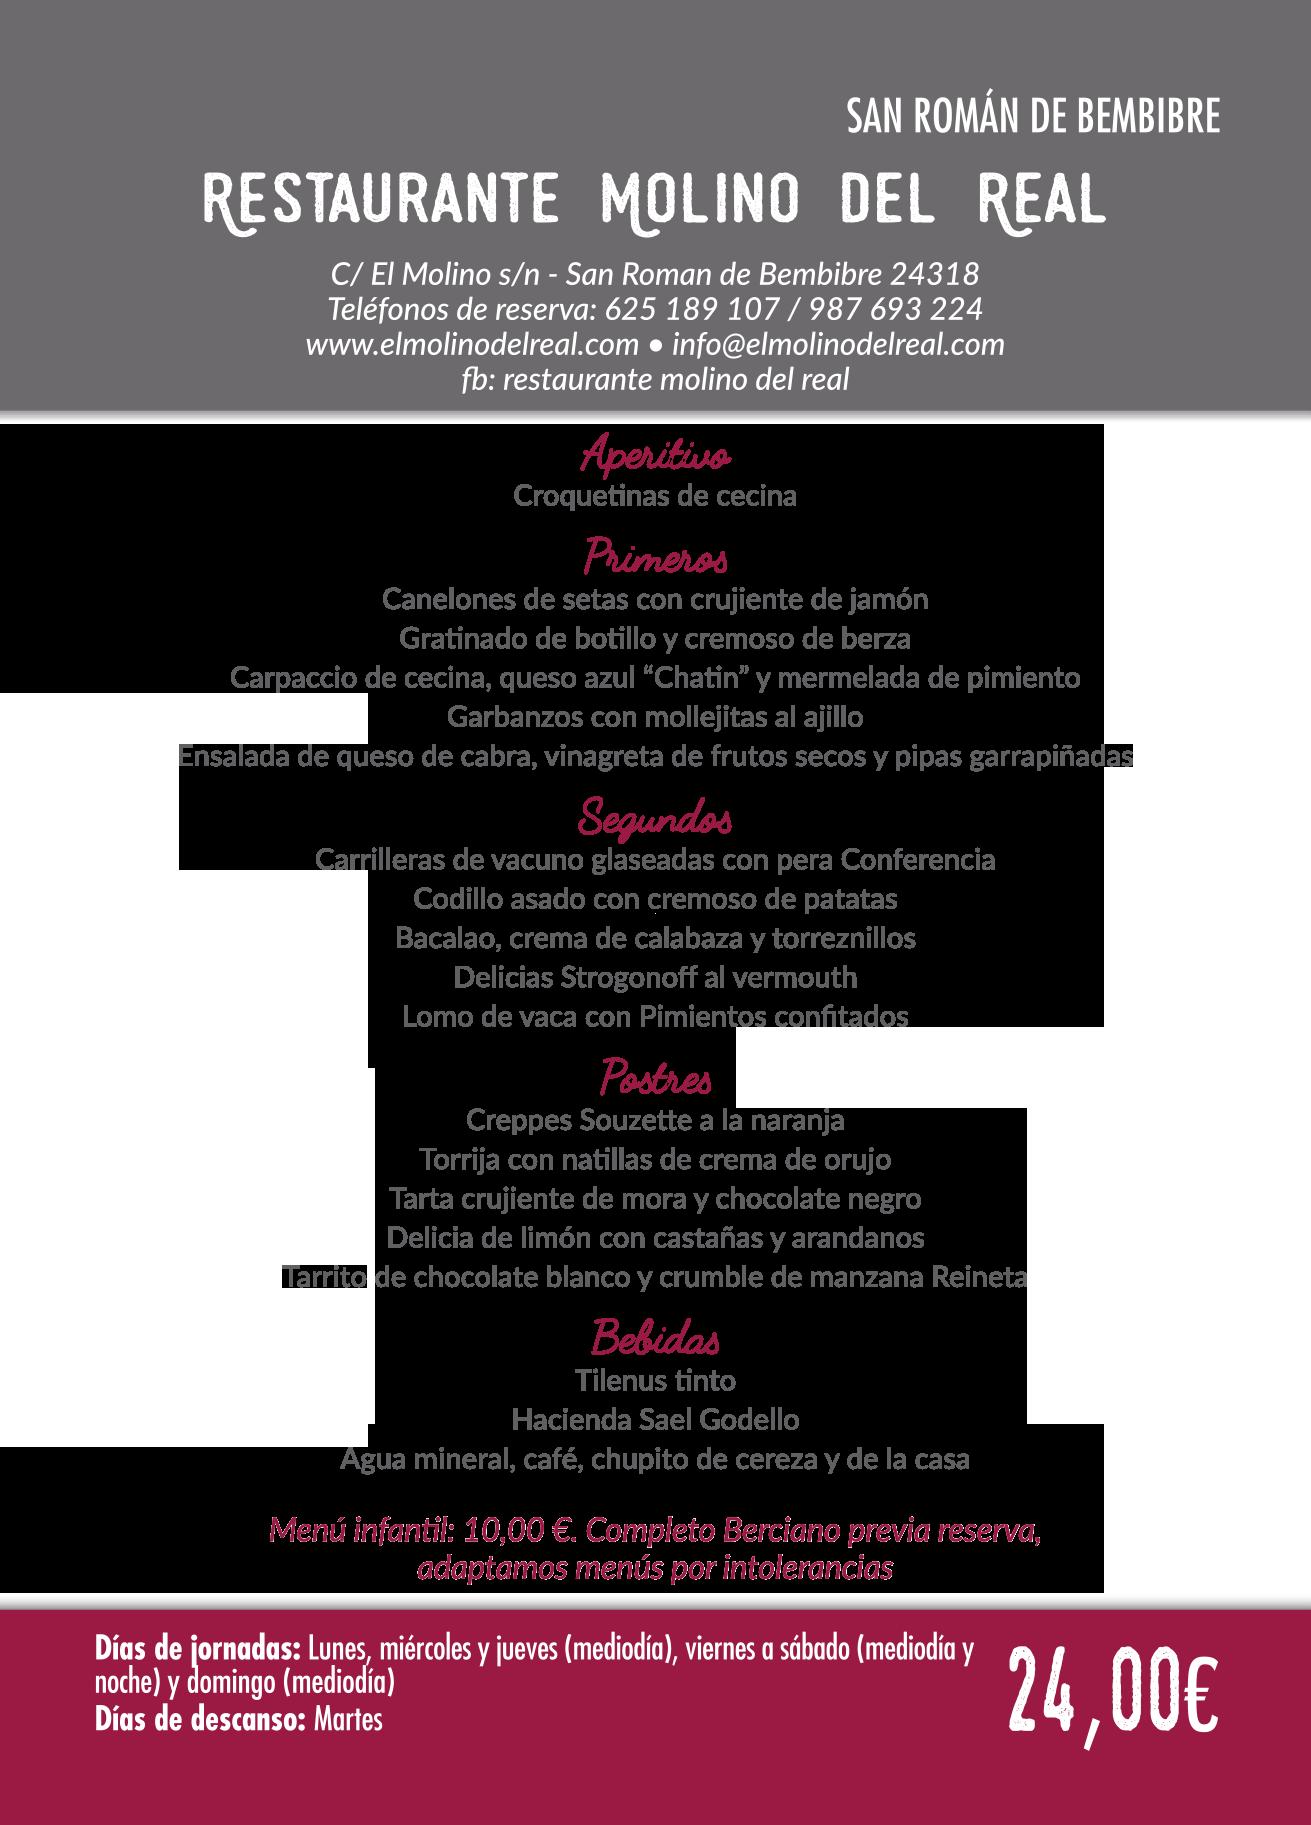 Las Jornadas Gastronómicas del Bierzo llegan a su 35 edición. Consulta los menús de esta edición 29